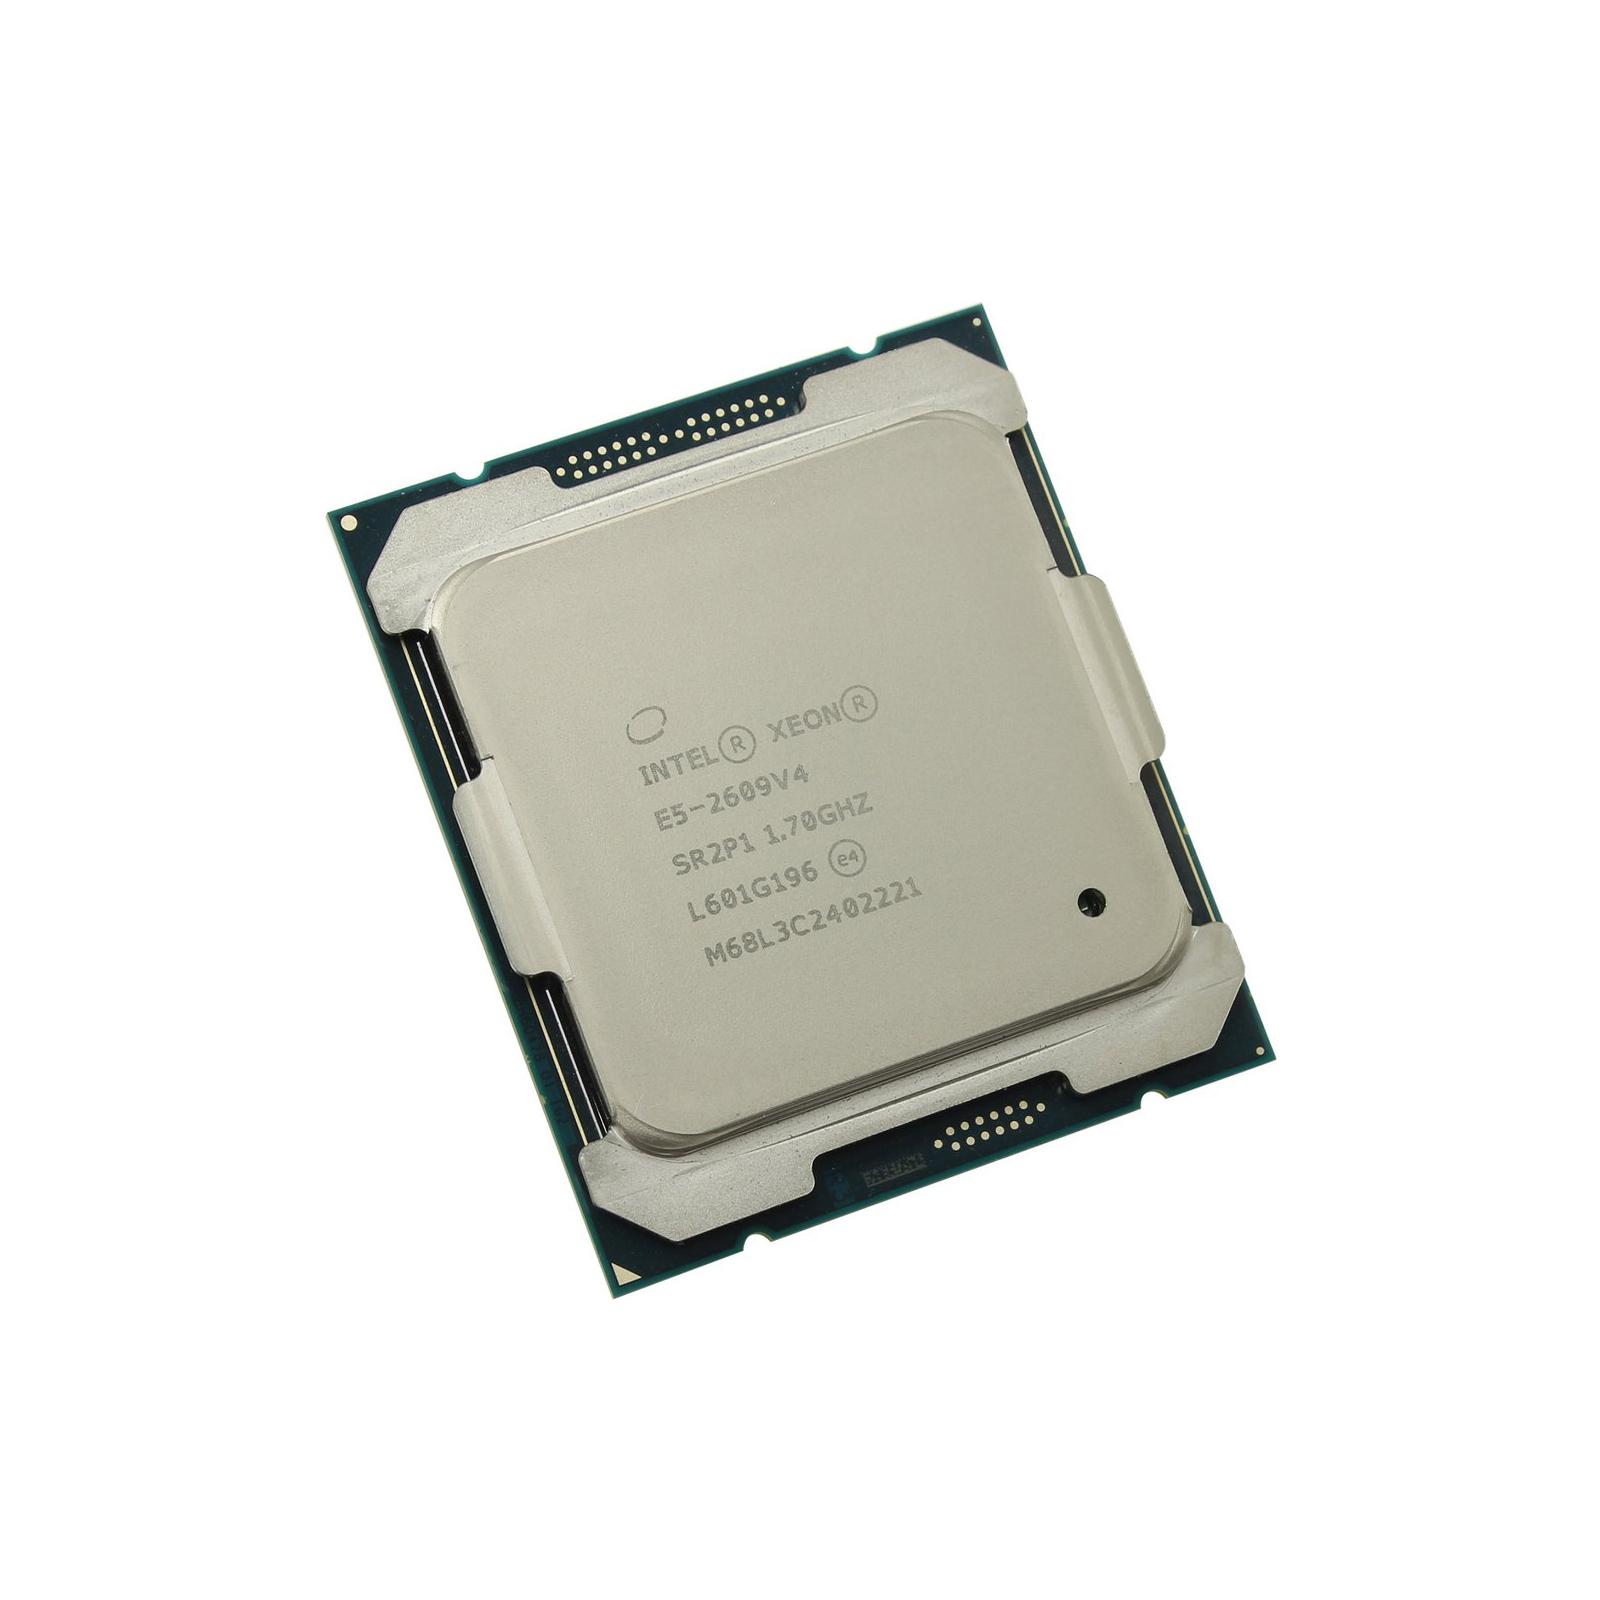 Процессор серверный INTEL Xeon E5-2609V4 8C/8T/1.70GHz/NoGfx/6.40GT/20MB/FCLGA2011-3 T (CM8066002032901) изображение 3